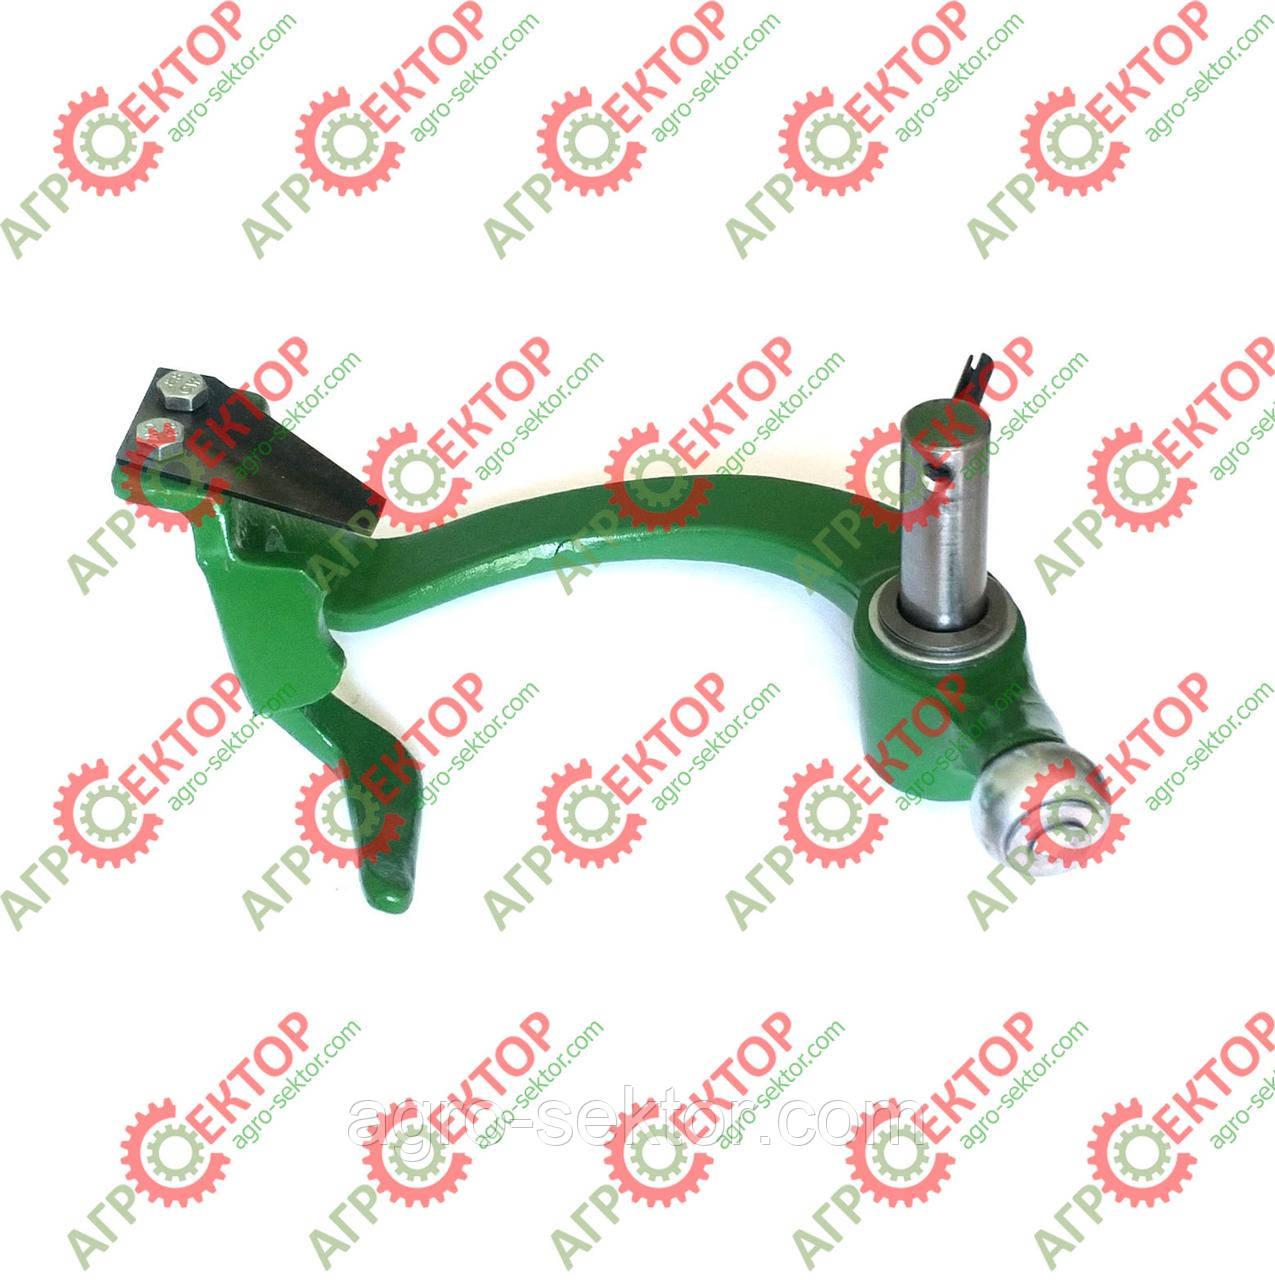 Ричаг ножа в'язального апарату в зборі новый тип 16мм на прес-підбирач John Deere AE39974 DC18315+DC18239